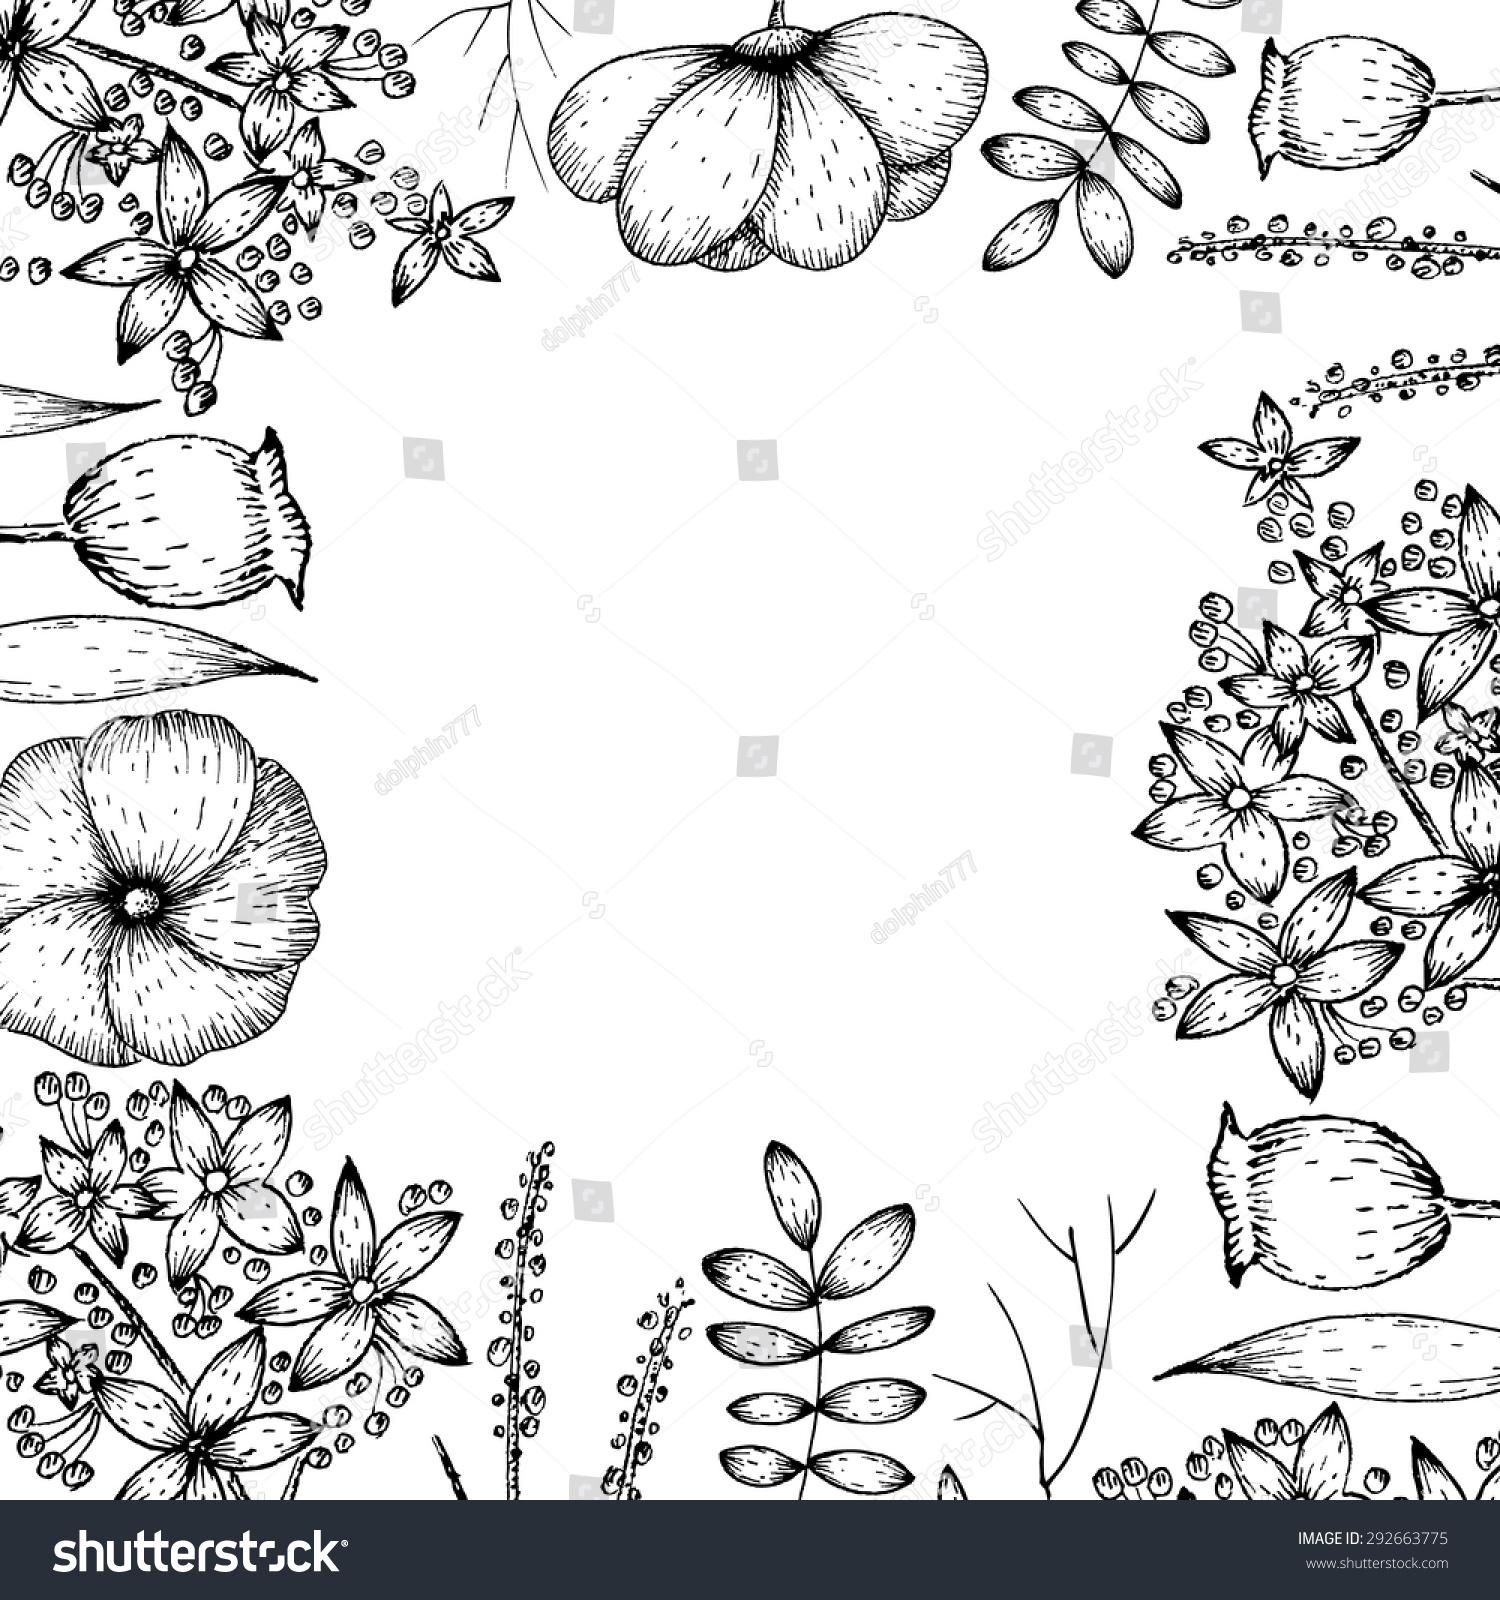 手绘的背景与花卉元素-自然-海洛创意(hellorf)-中国